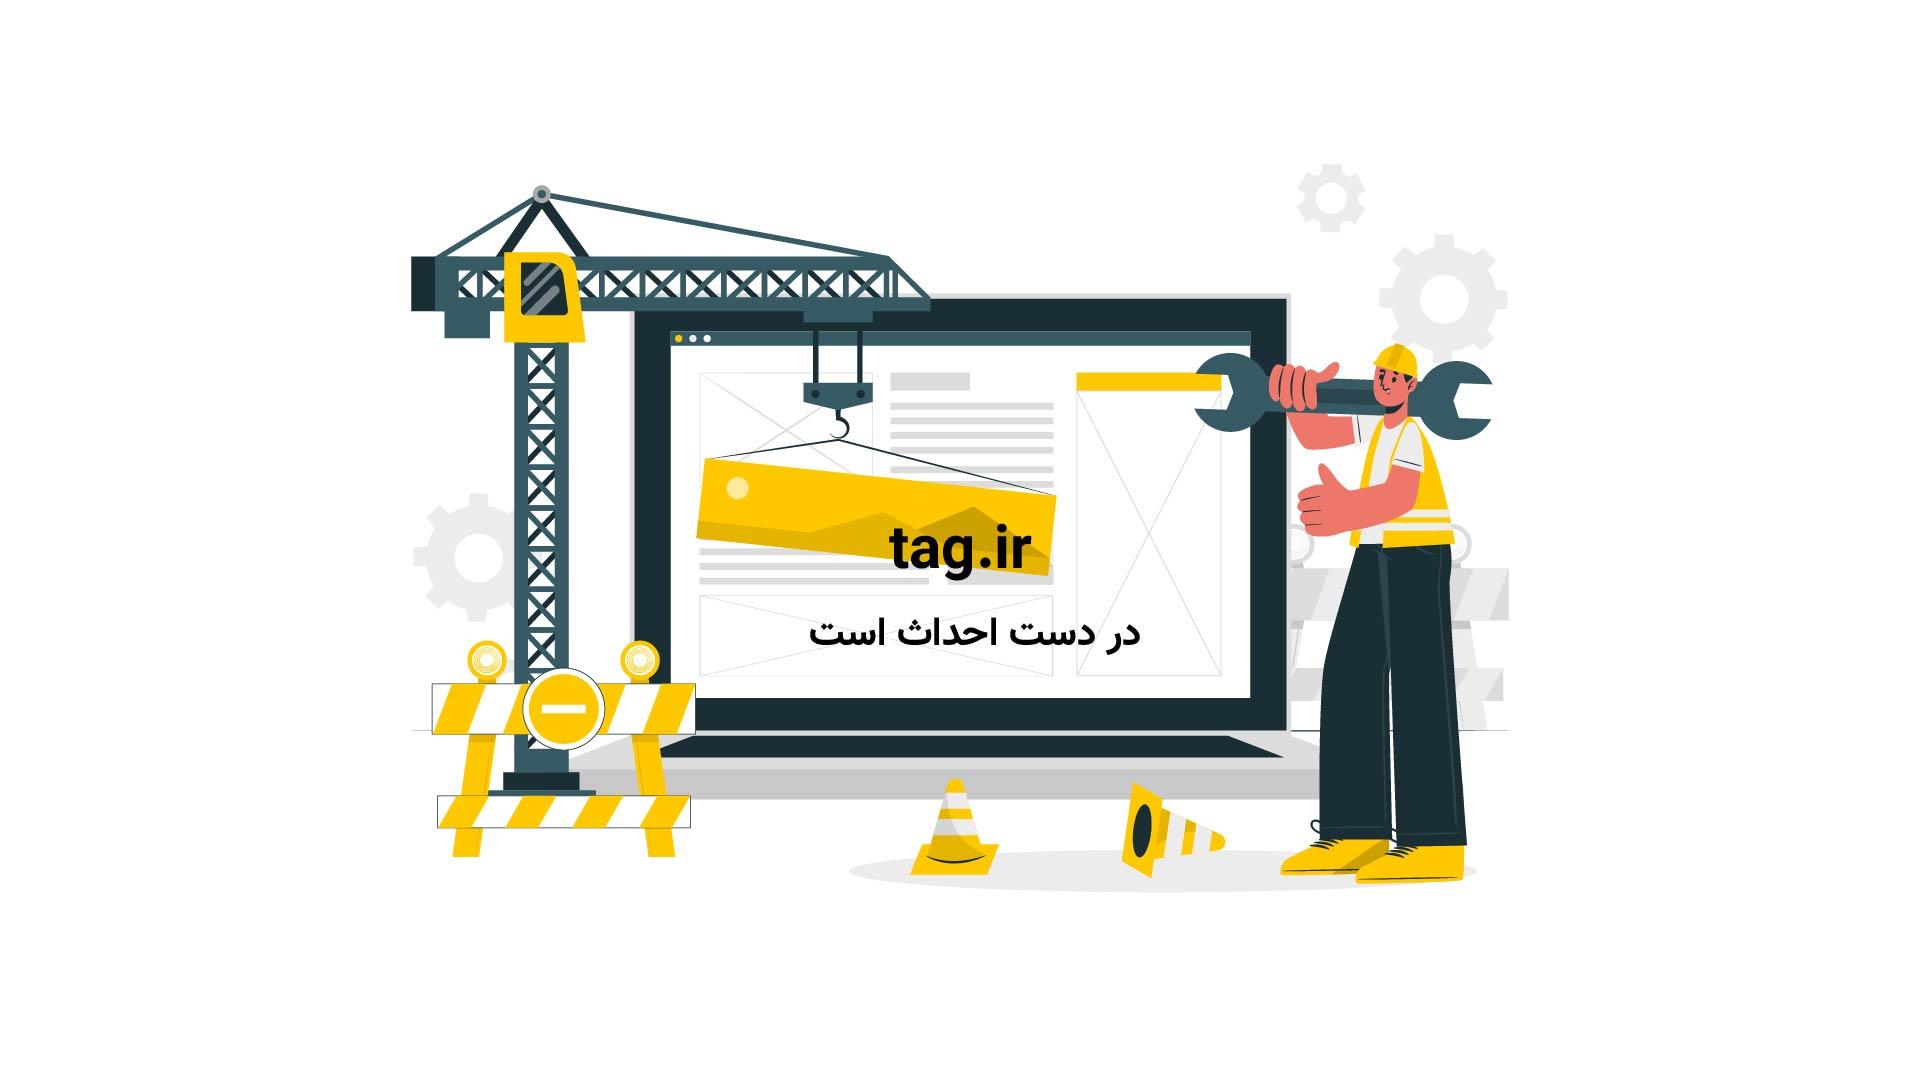 نقاشی سه بعدی کروکدیل | تگ